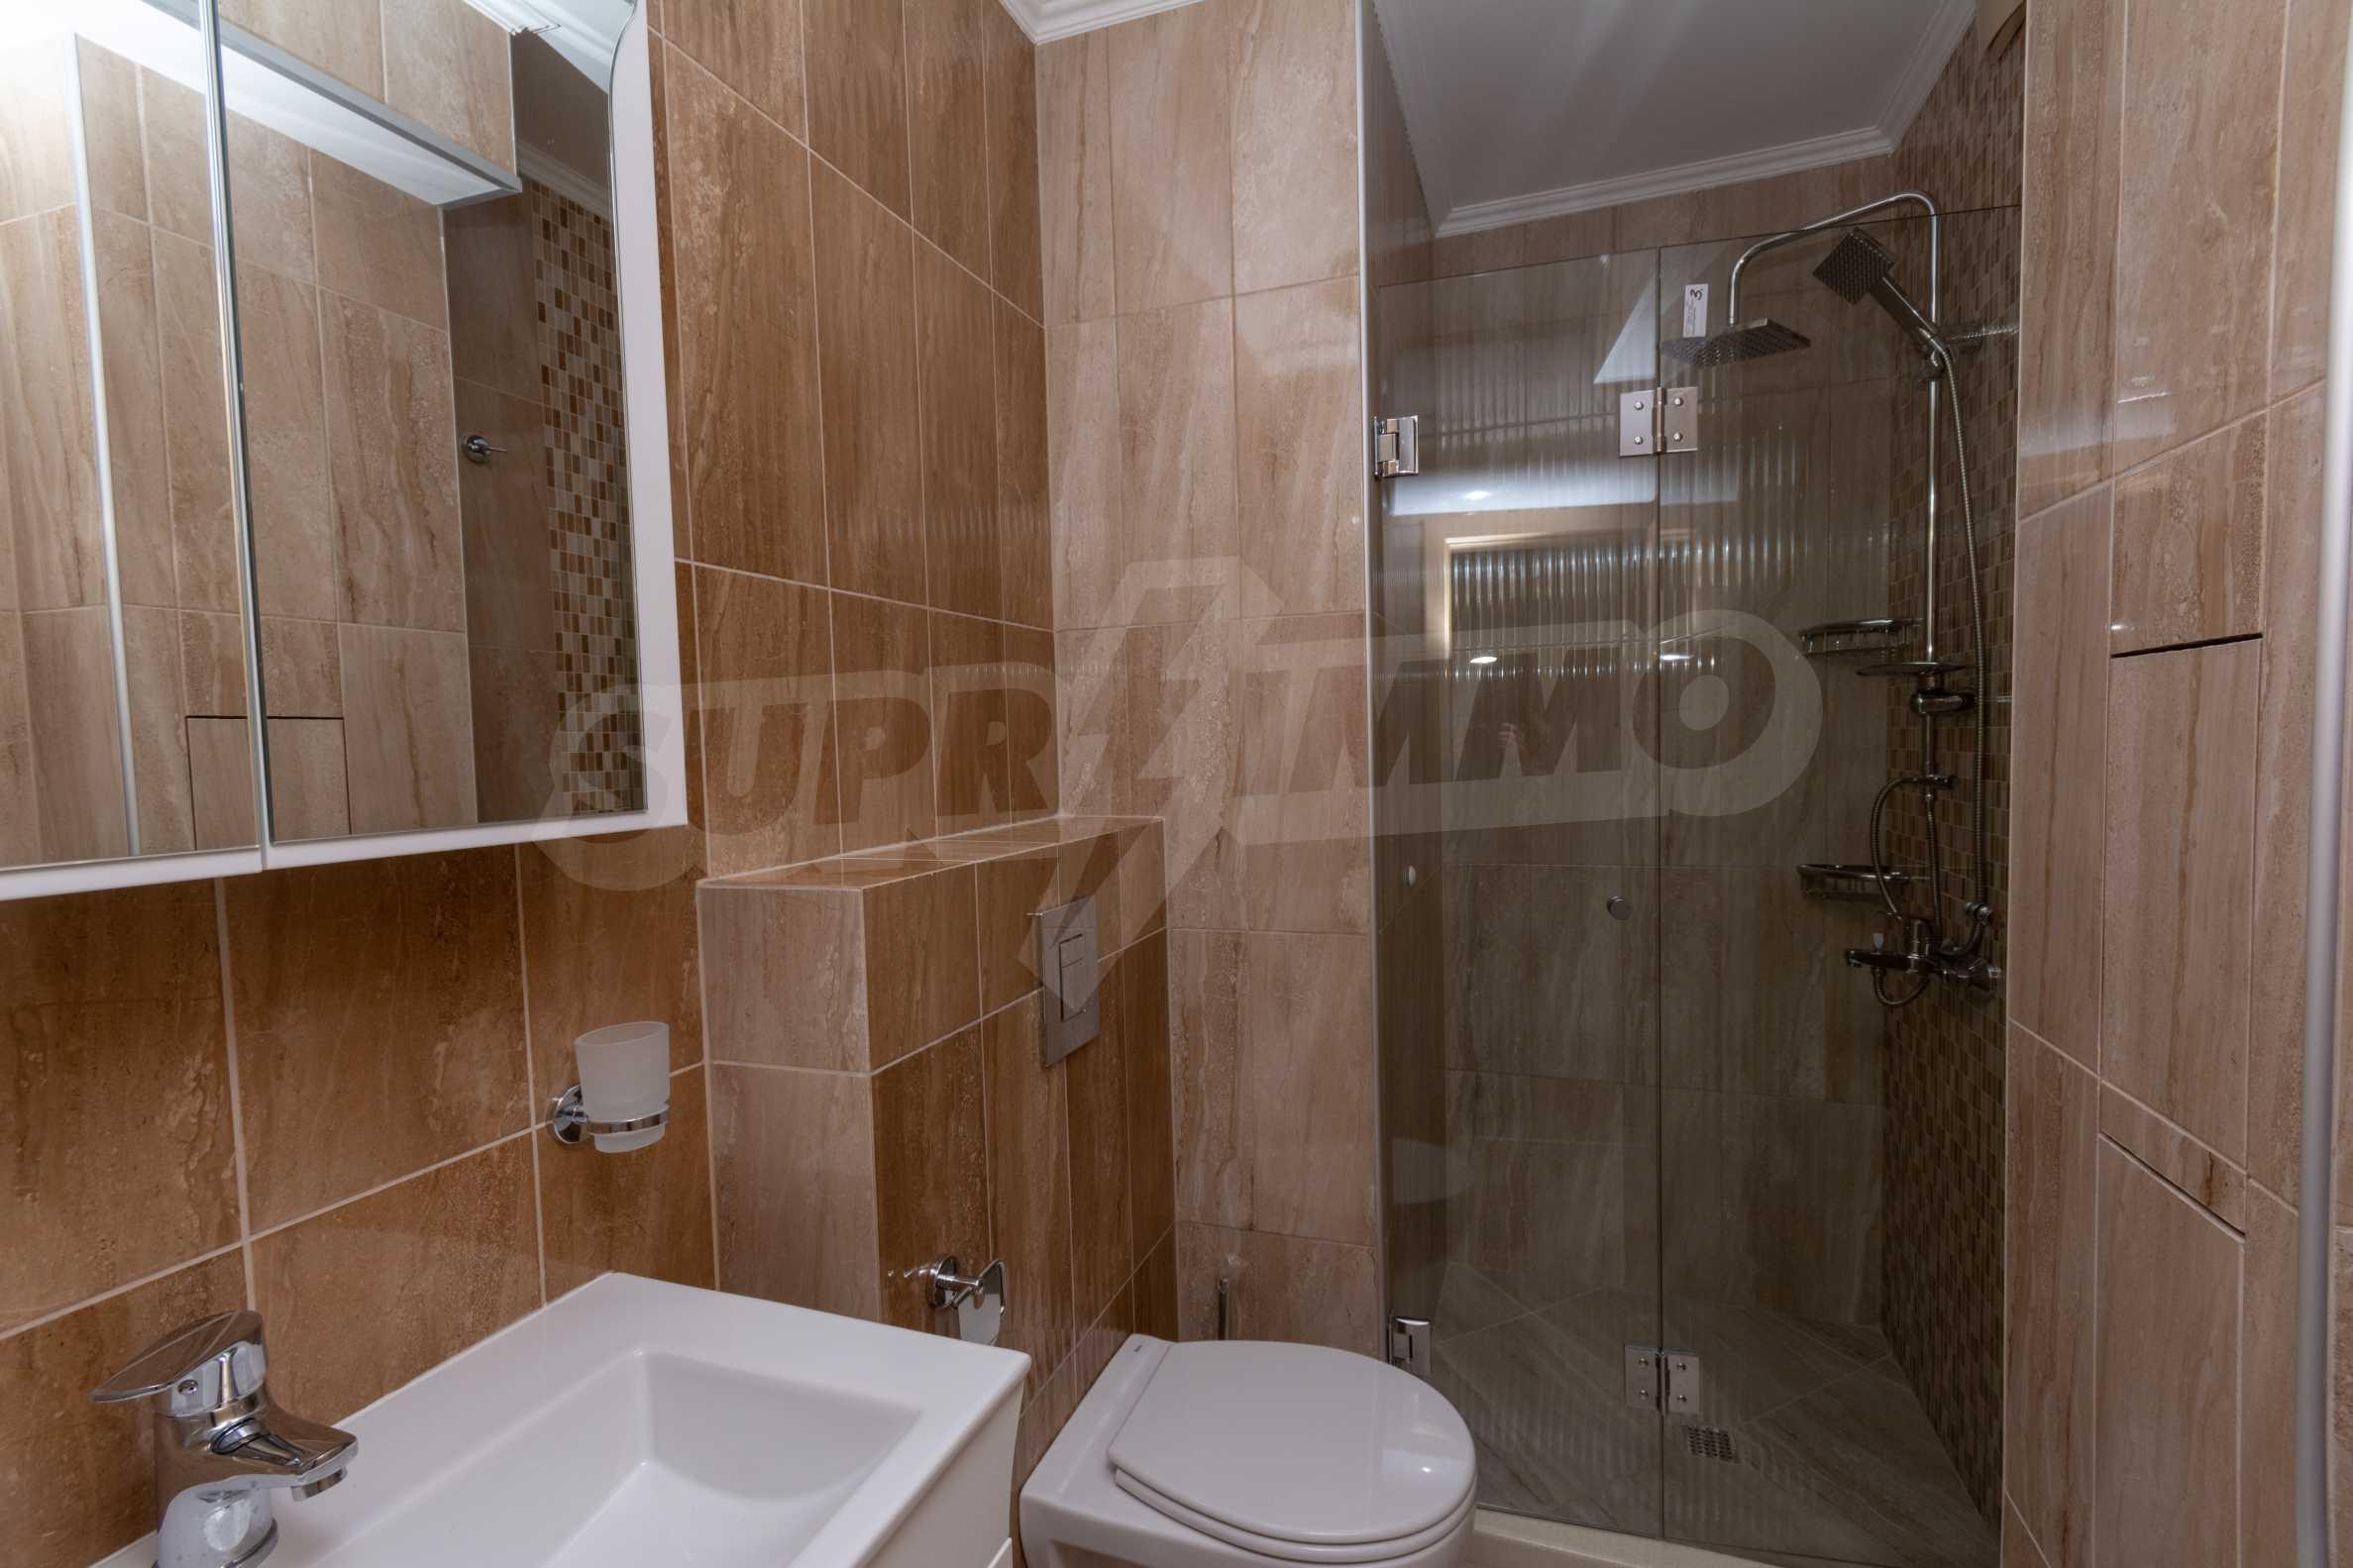 Двустаен апартамент в луксозна жилищна сграда на комуникативна локация в гр.Пловдив 9